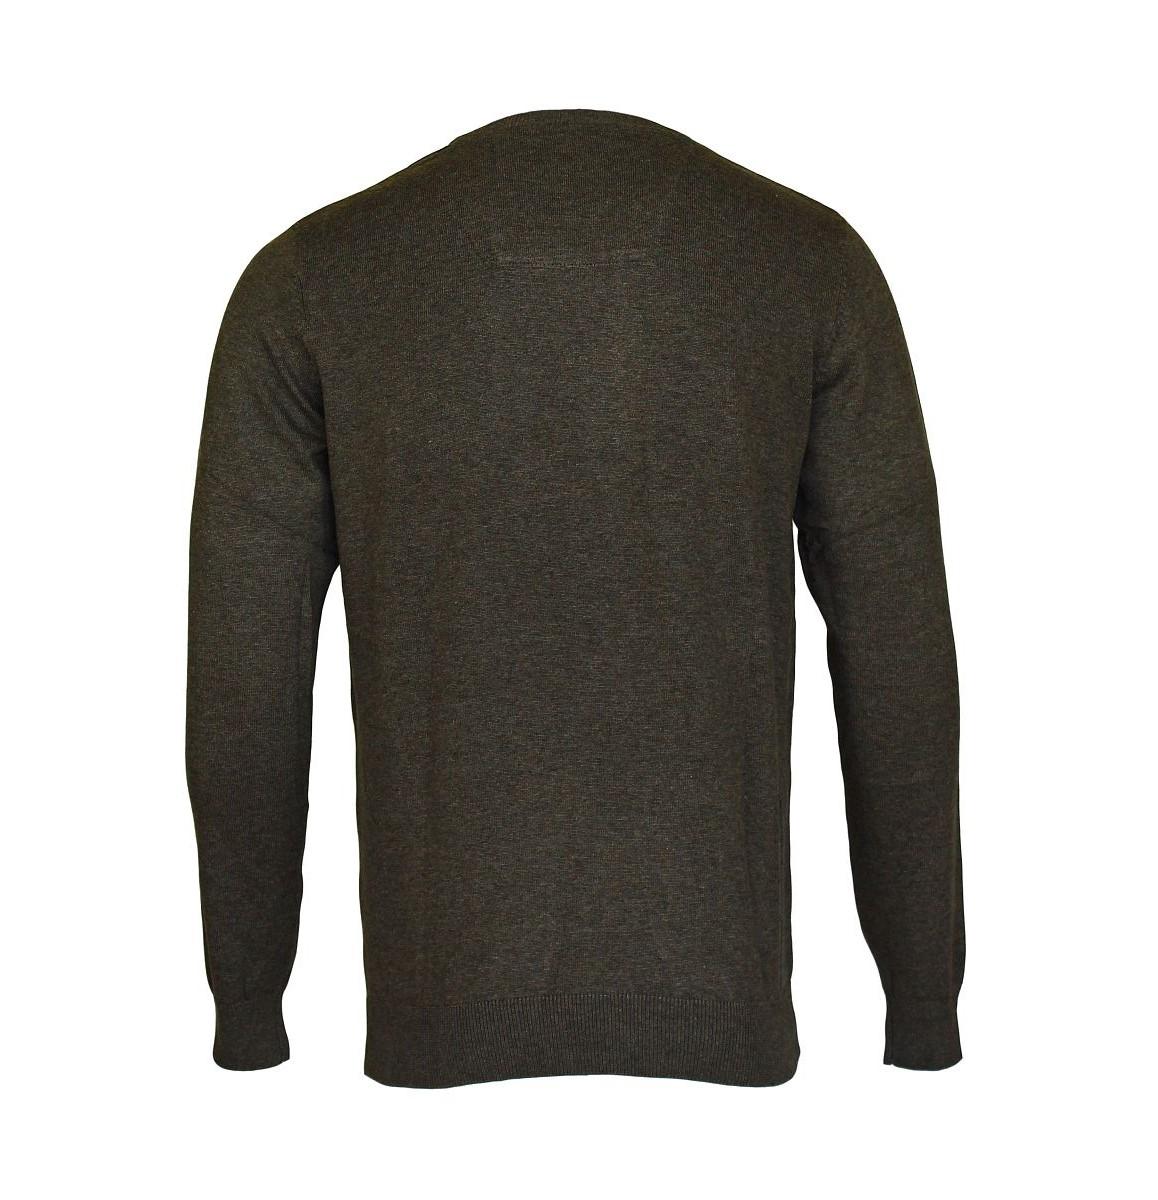 Tom Tailor Pullover Rundhals Herrenpullover Sweater 30197330910 8245 dark taupe brown